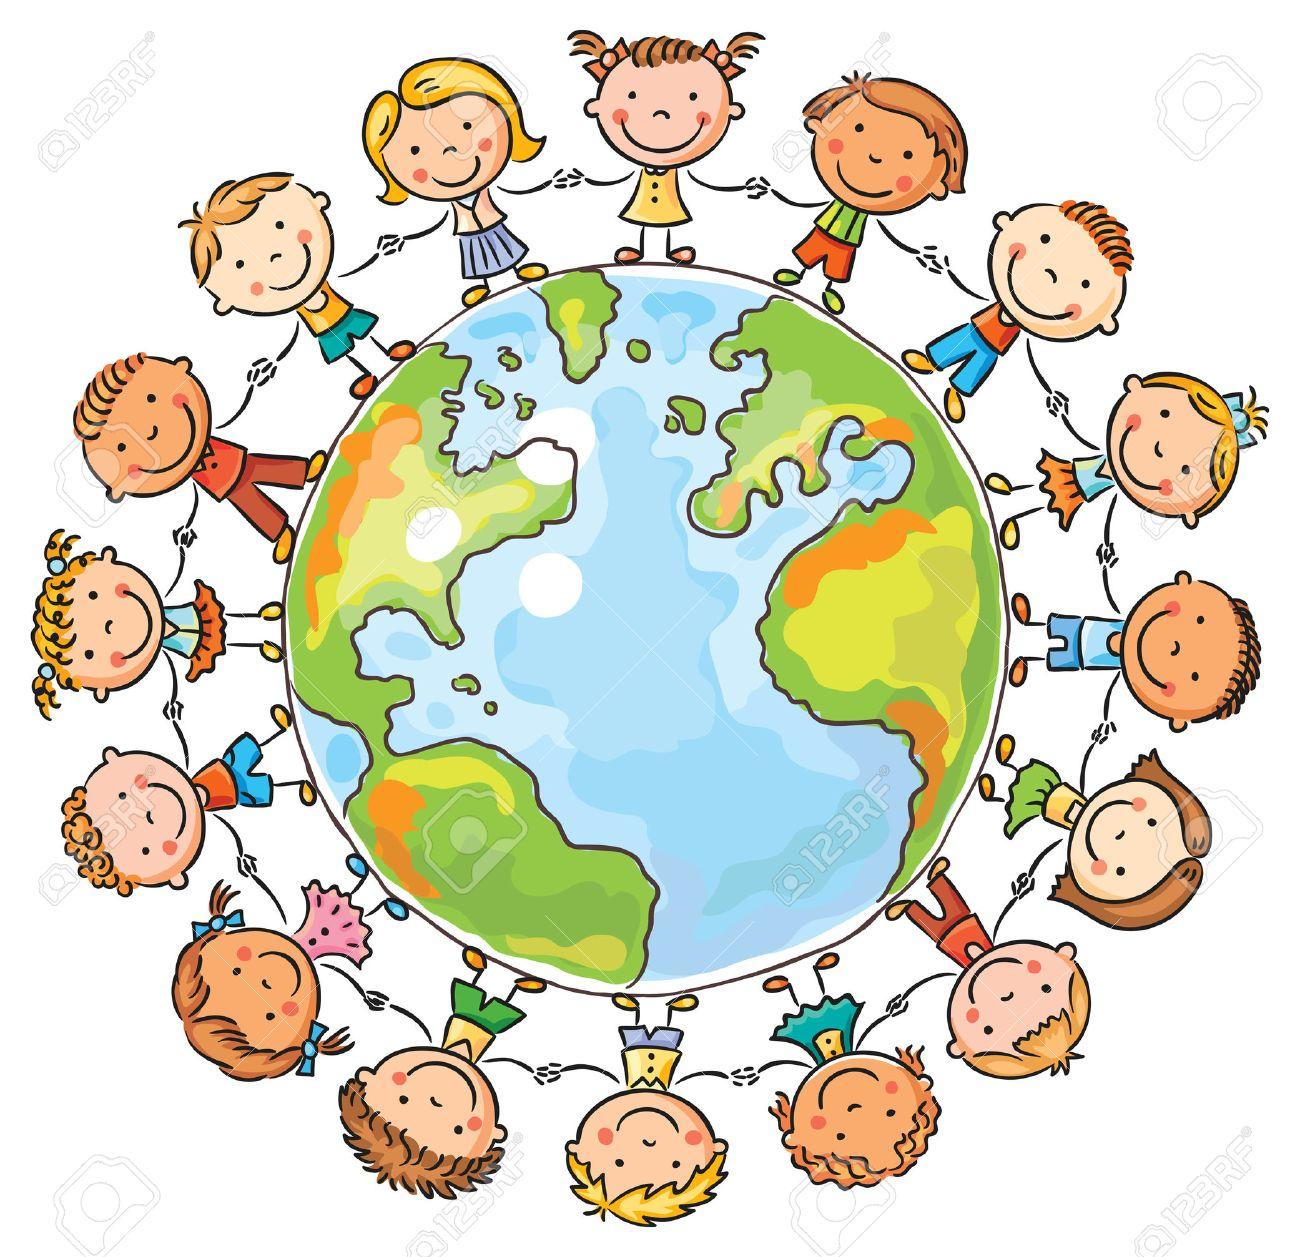 Dibujos Animados Happy Niños Alrededor Del Mundo Como Un Símbolo De La Paz O De La Comunicación Global